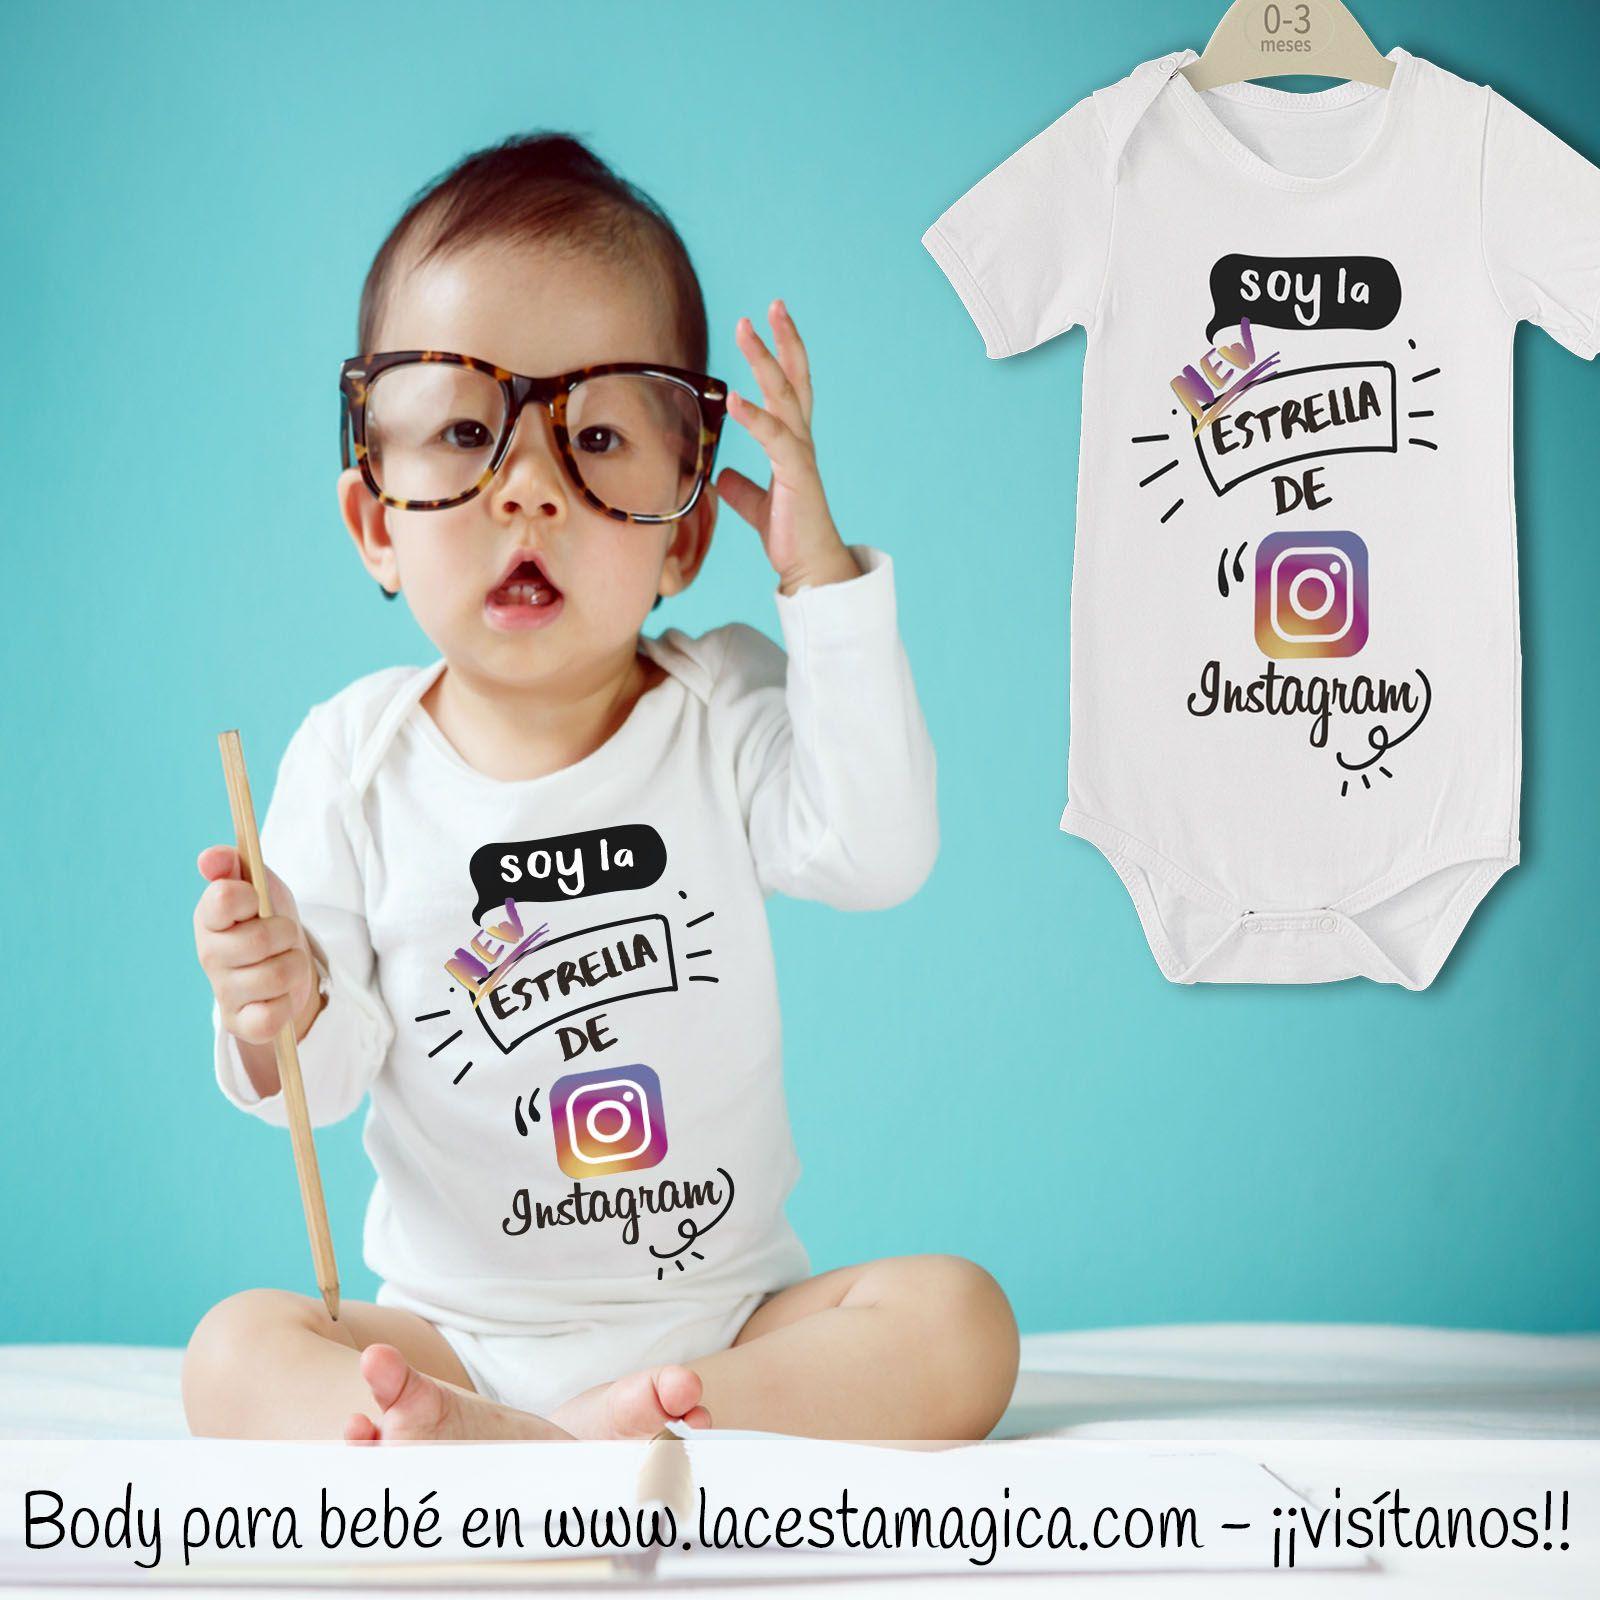 Pin de Lianys Sanchez en Cuidados del bebé   Consejos para